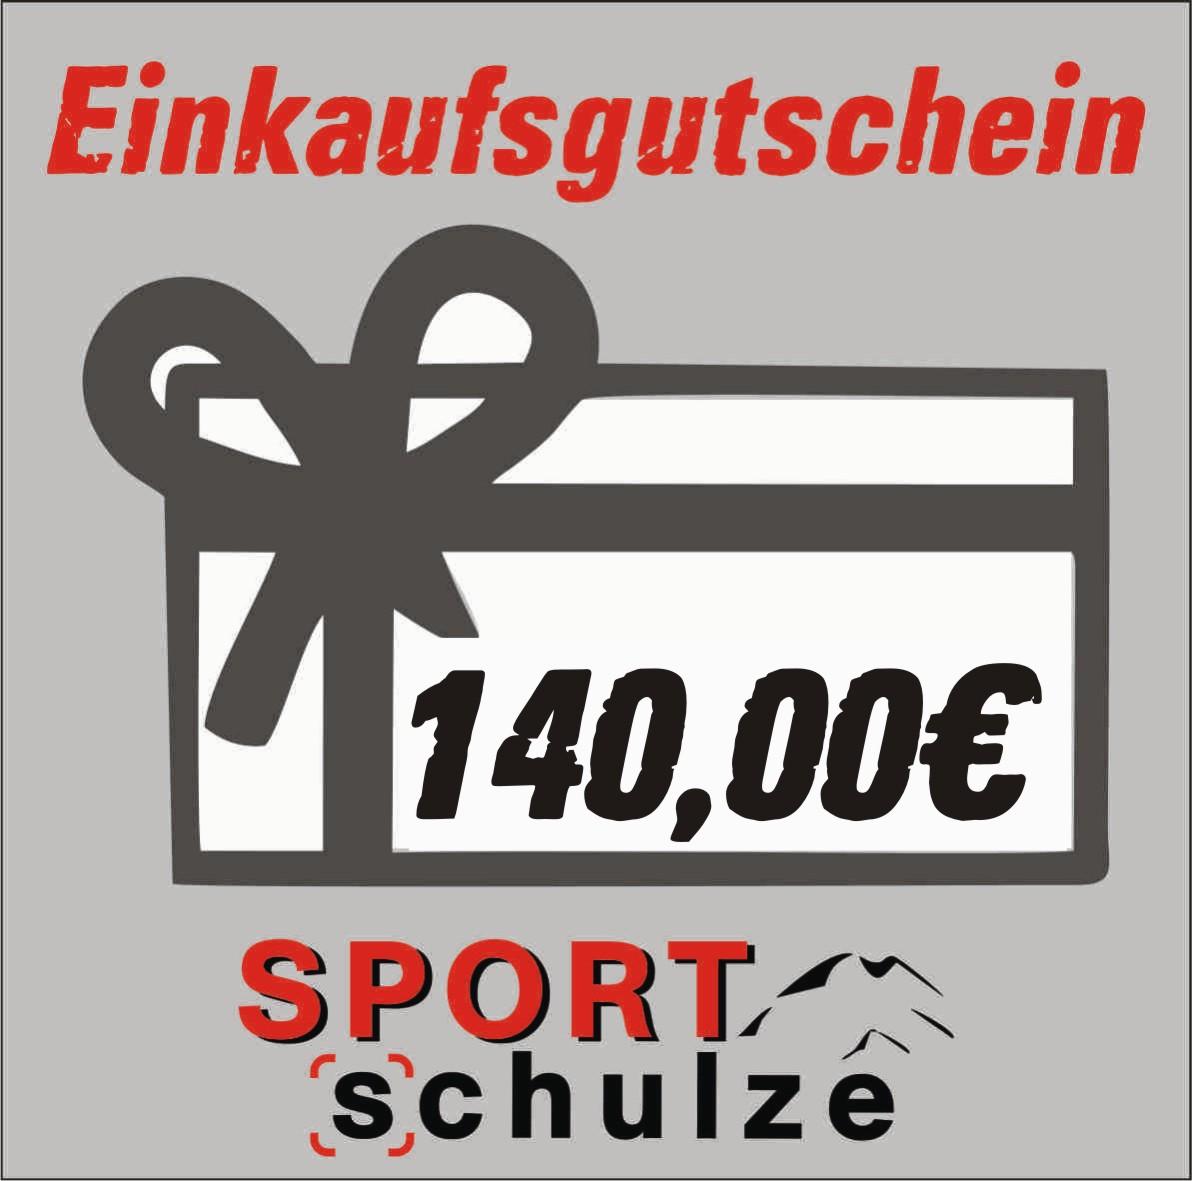 140€ Einkaufsgutschein